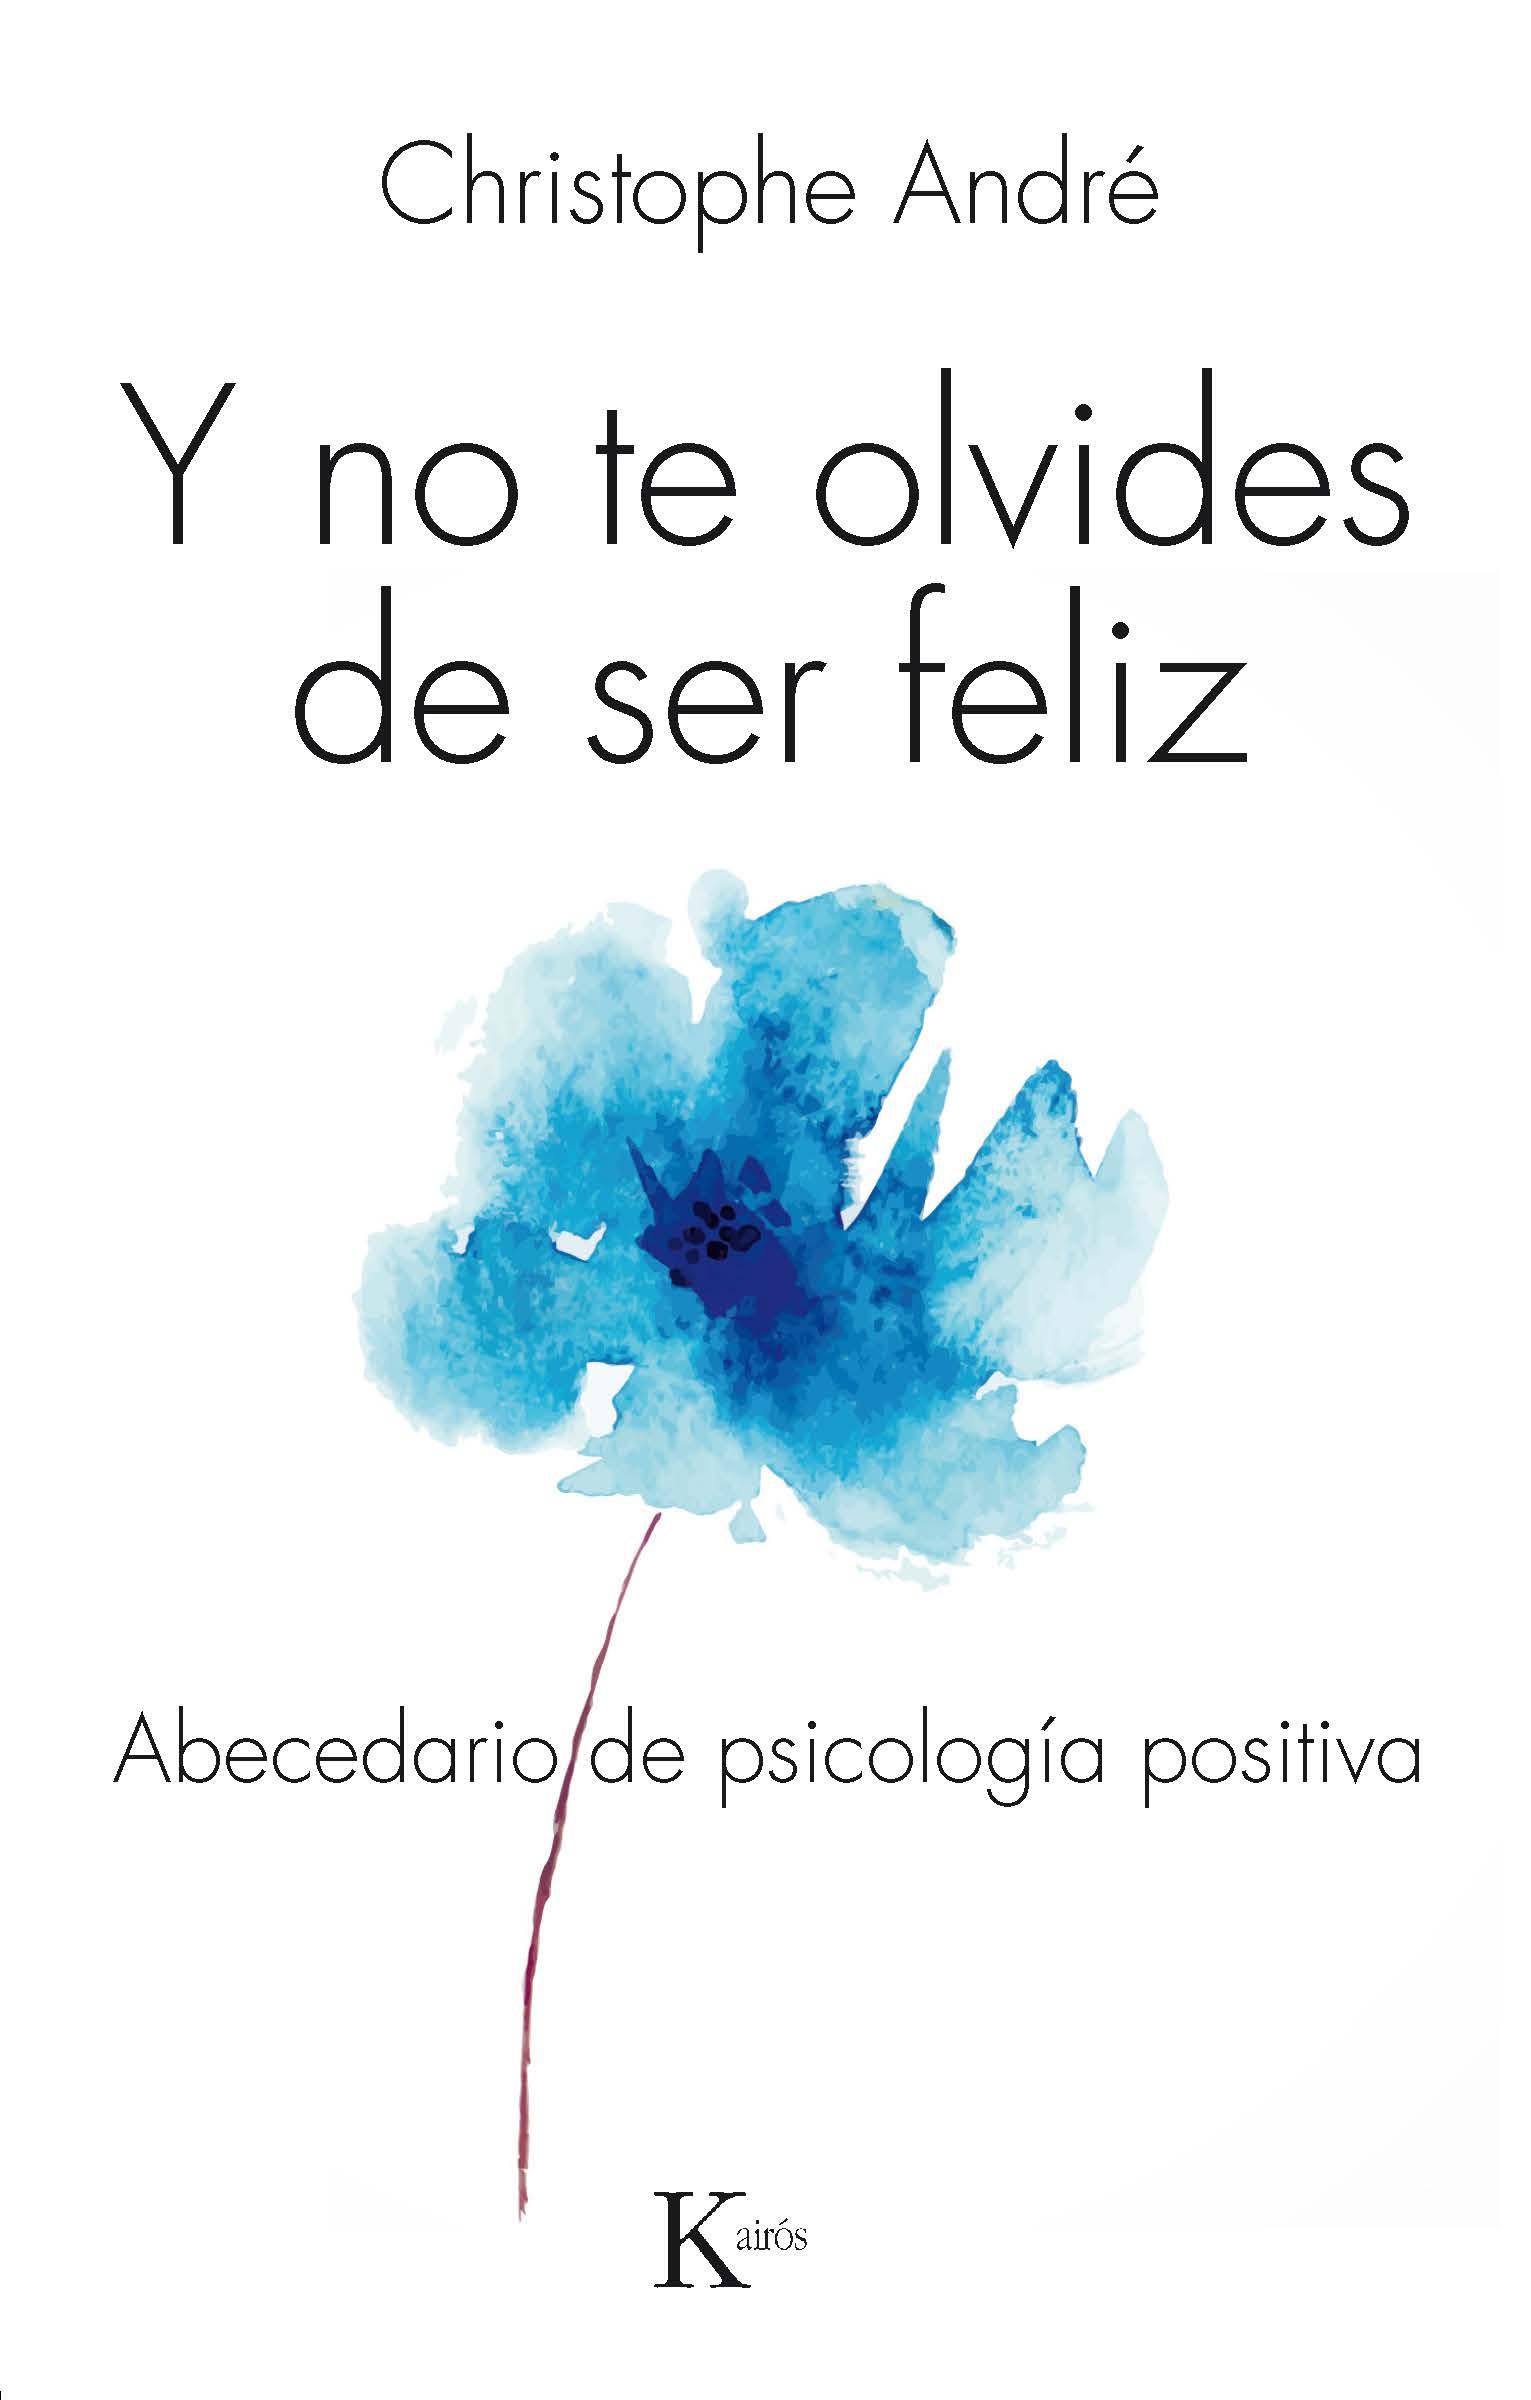 Y no te olvides de ser feliz abecedario de psicologia positiva y no te olvides de ser feliz abecedario de psicologia positiva christophe andre fandeluxe Image collections